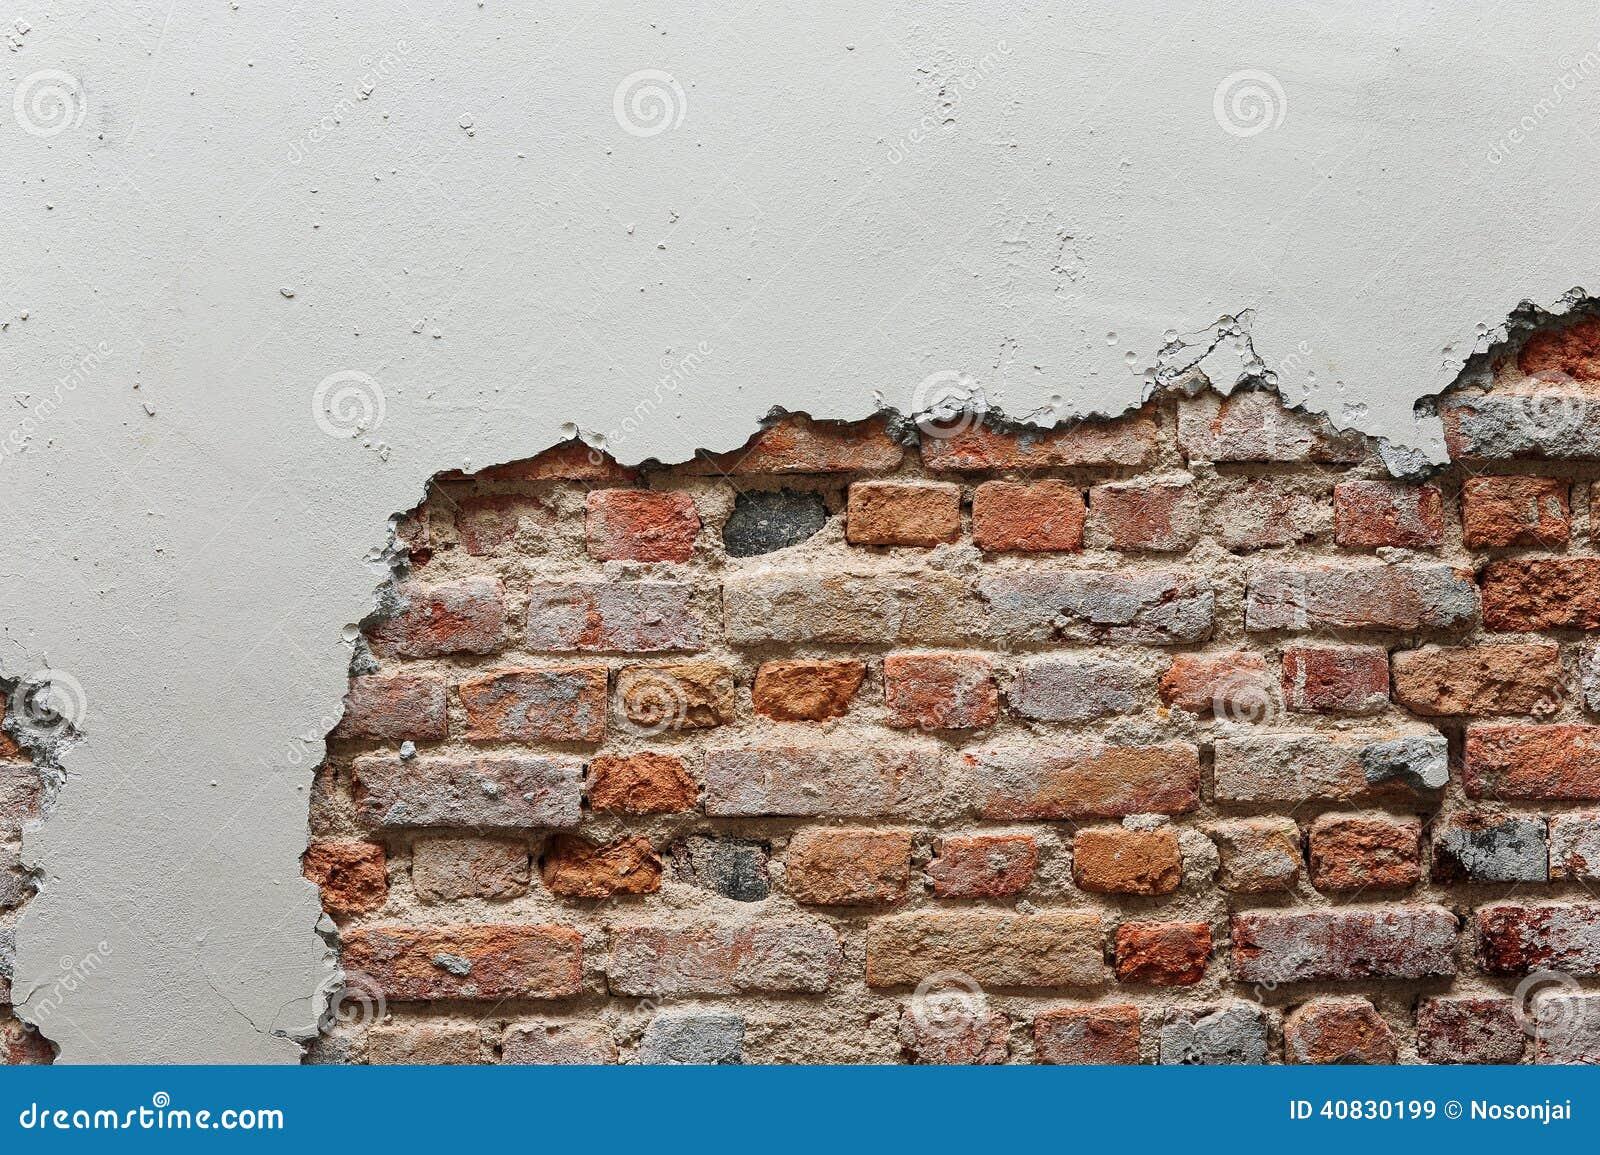 defekte wand mit rotem backstein stockbild bild von ziegelstein geb ude 40830199. Black Bedroom Furniture Sets. Home Design Ideas